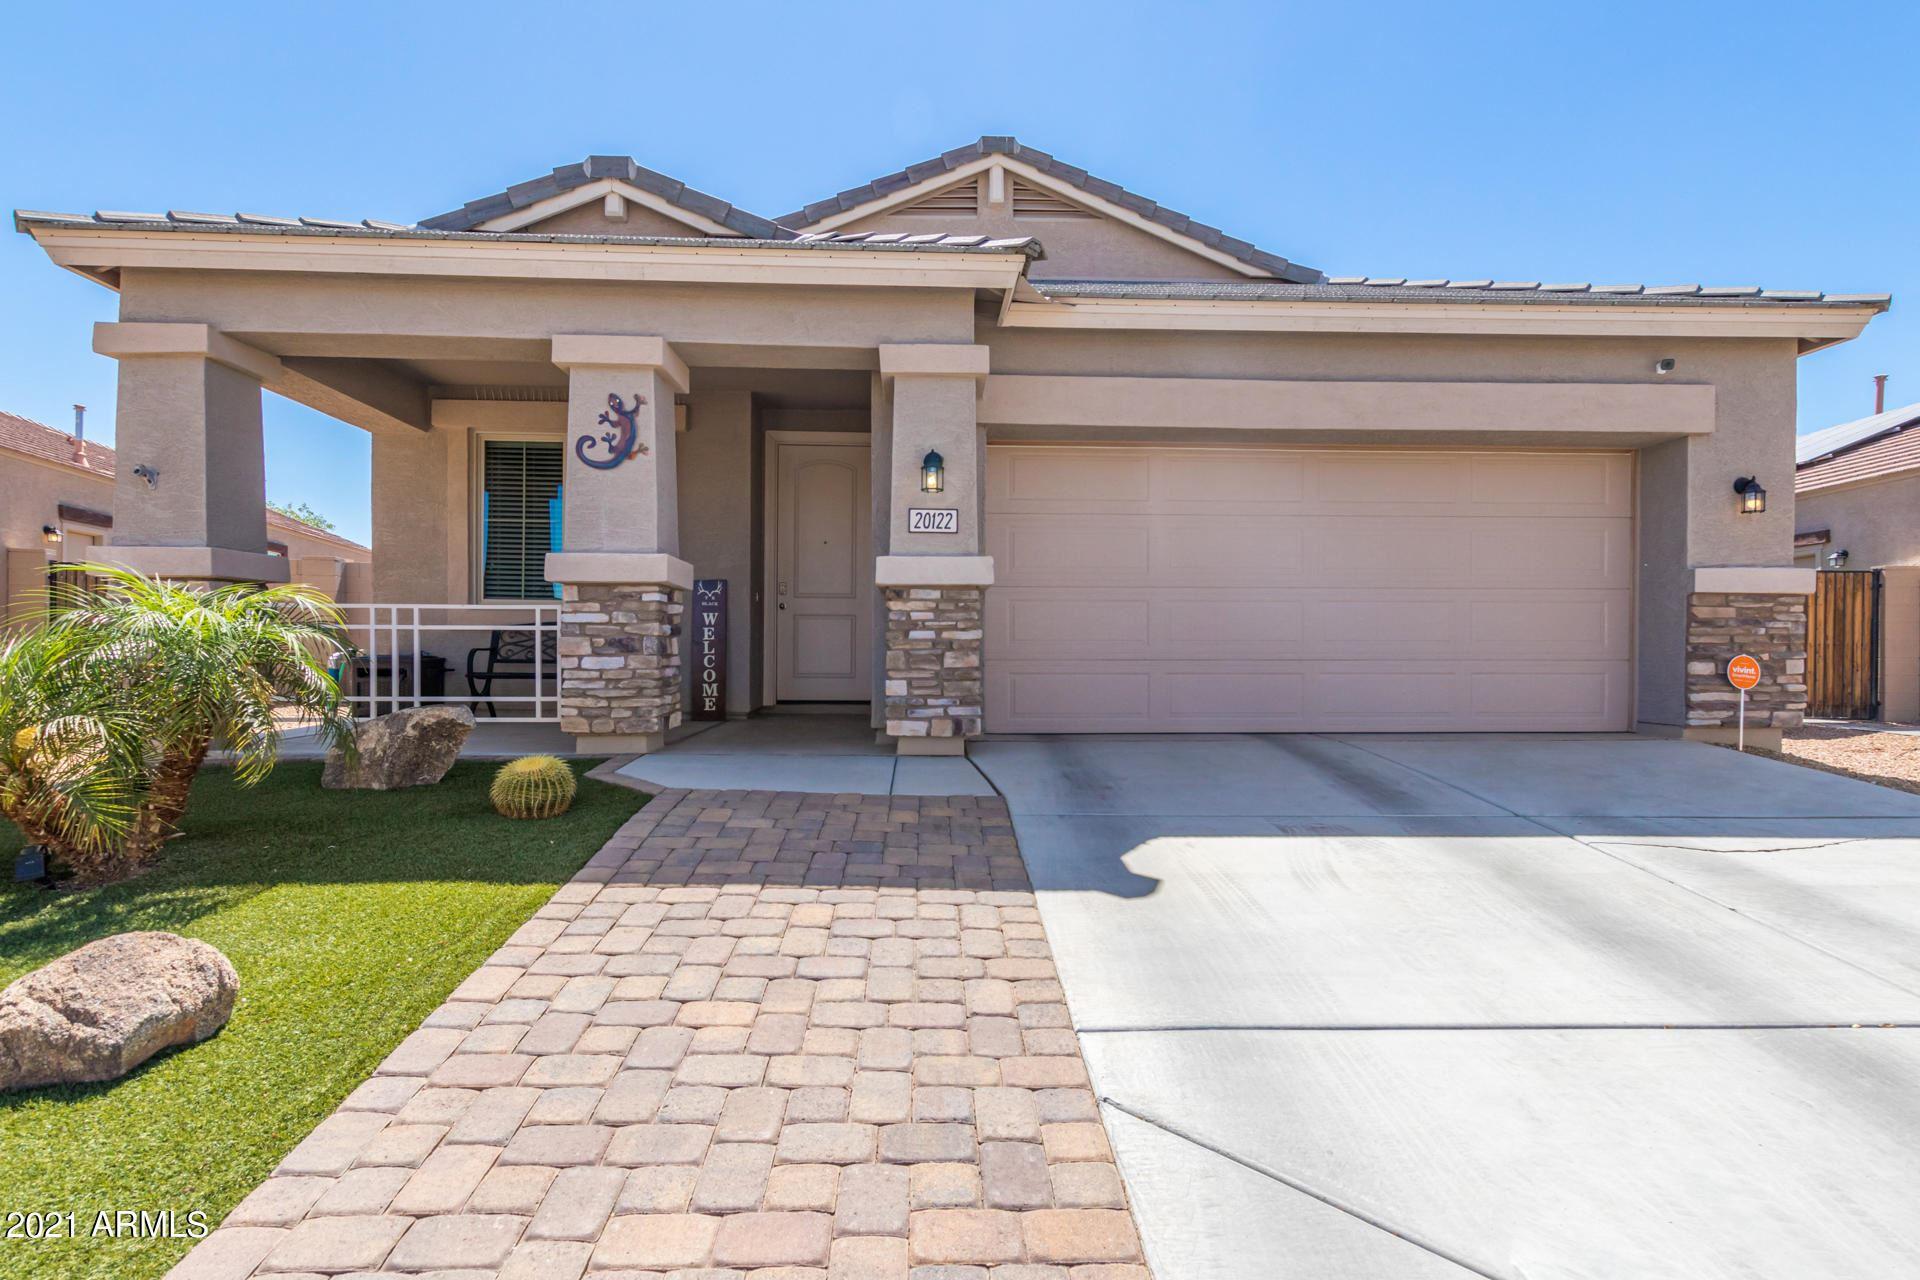 Photo for 20122 N JILL Avenue, Maricopa, AZ 85138 (MLS # 6248269)